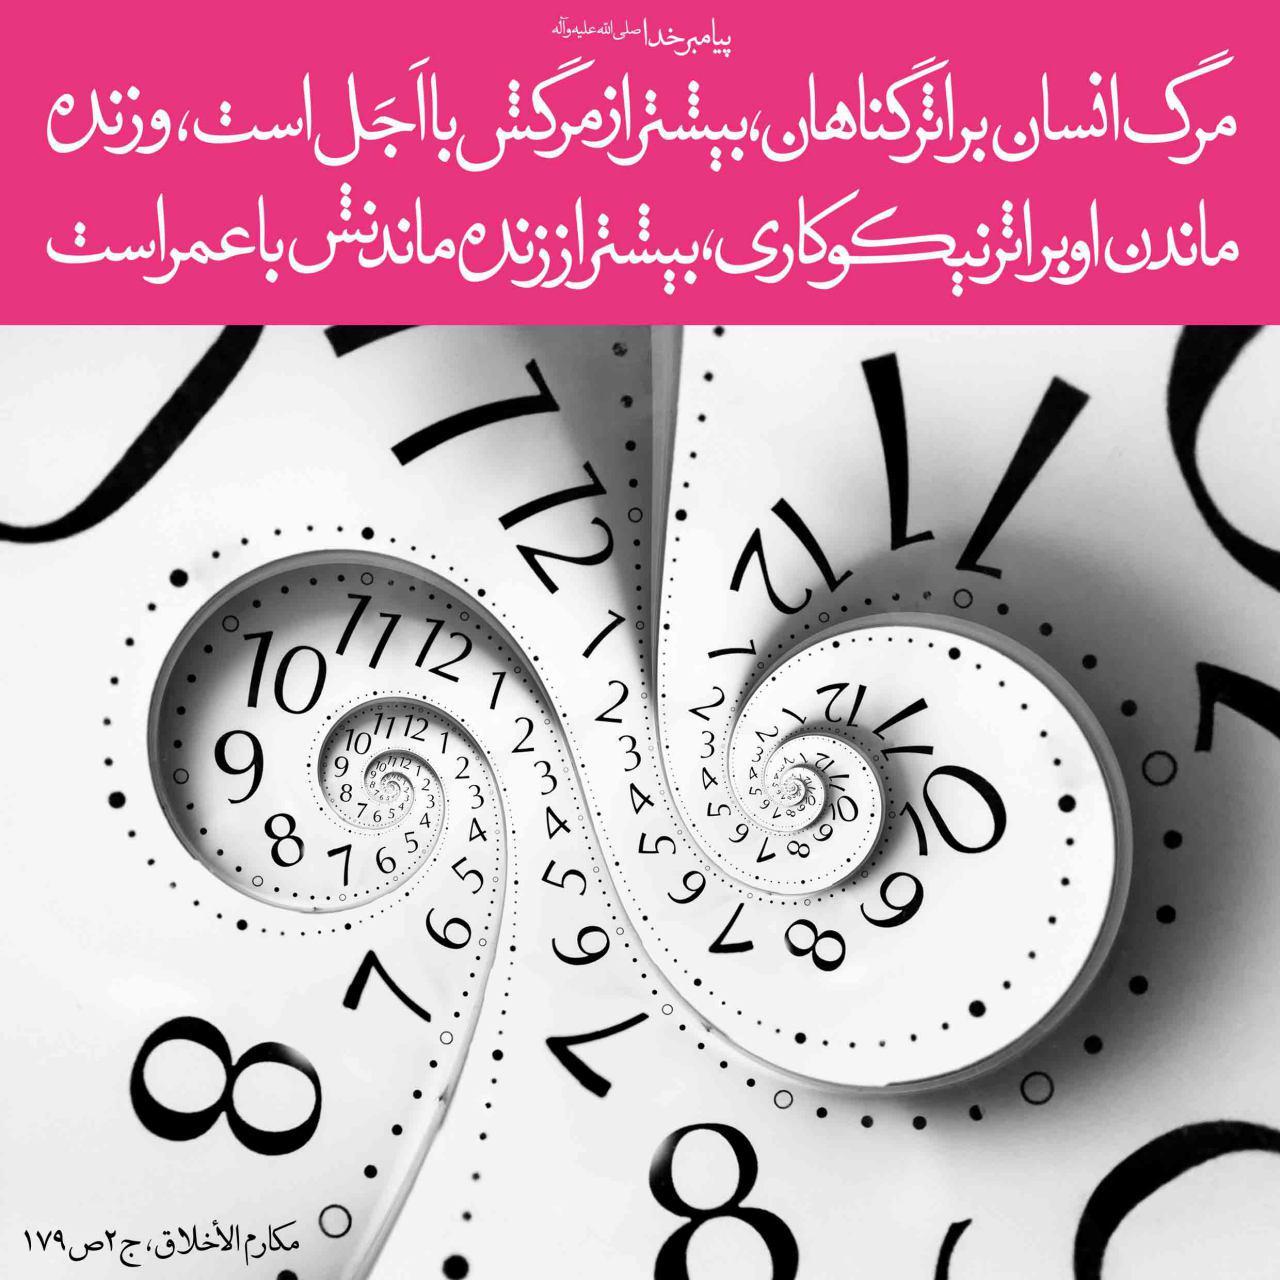 در باره ی حضرت امام محمّد باقر (سلام الله علیه): فصل وصل! (شعر)